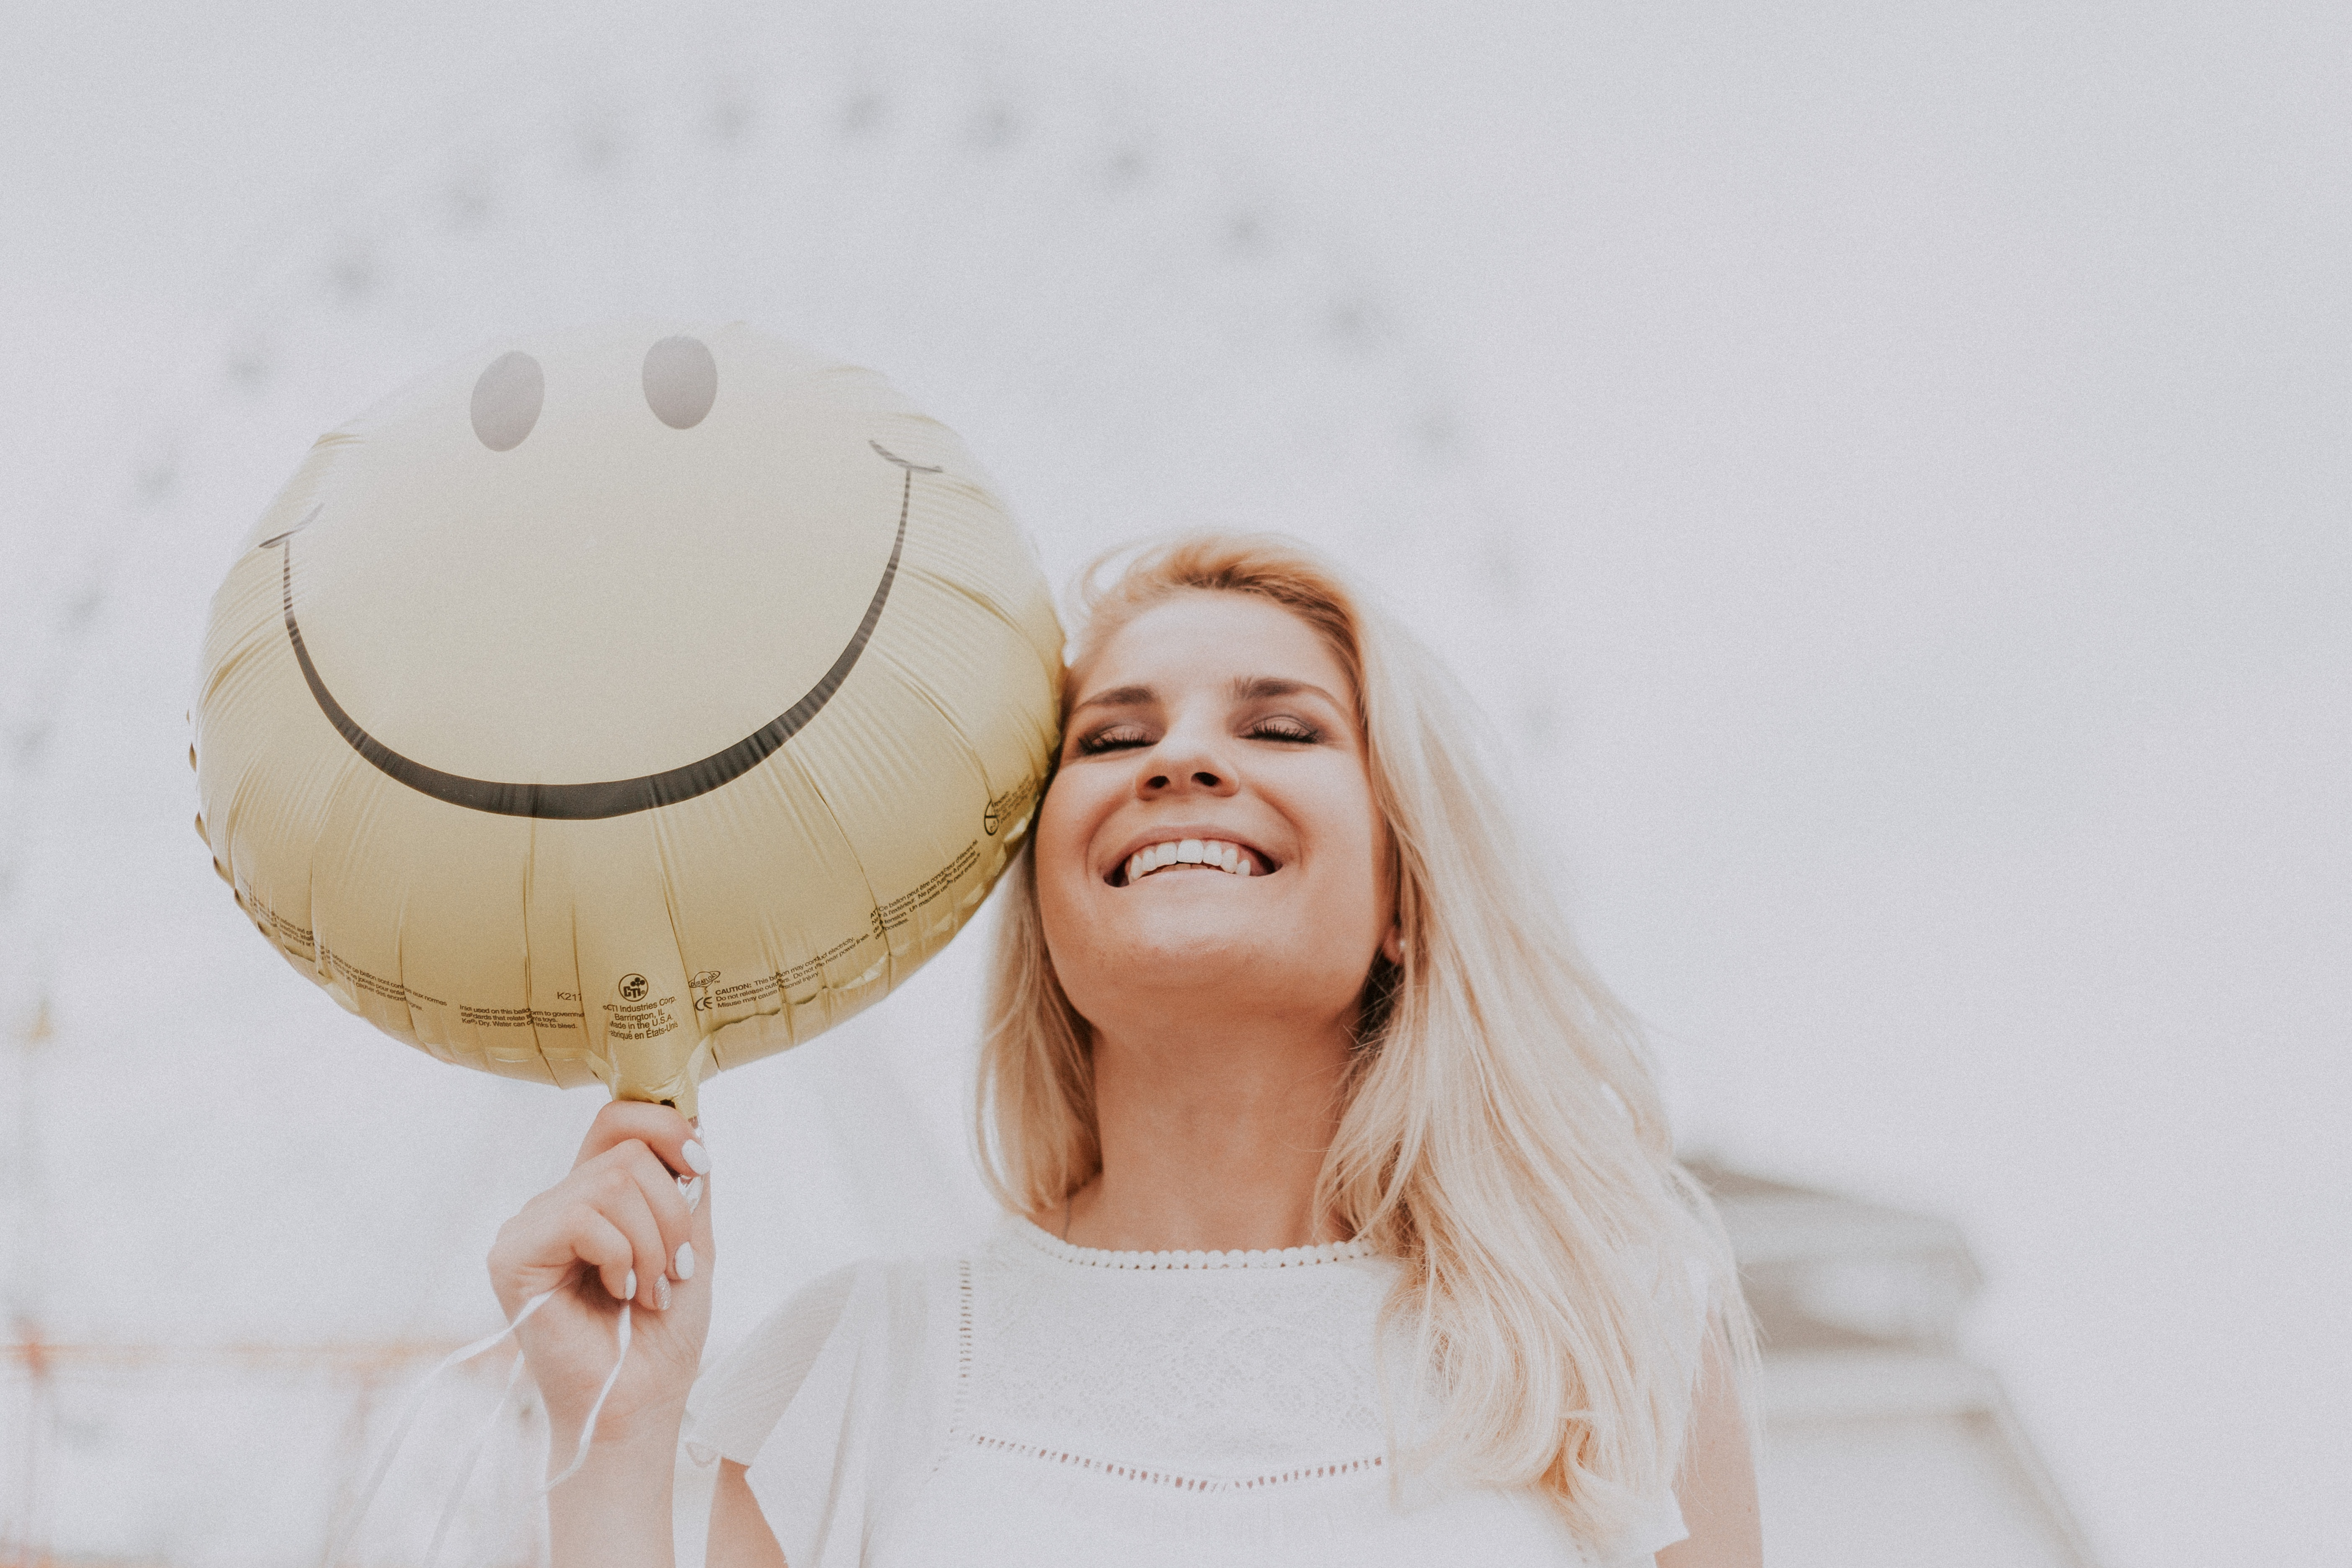 ballon femme bonhomme sourire